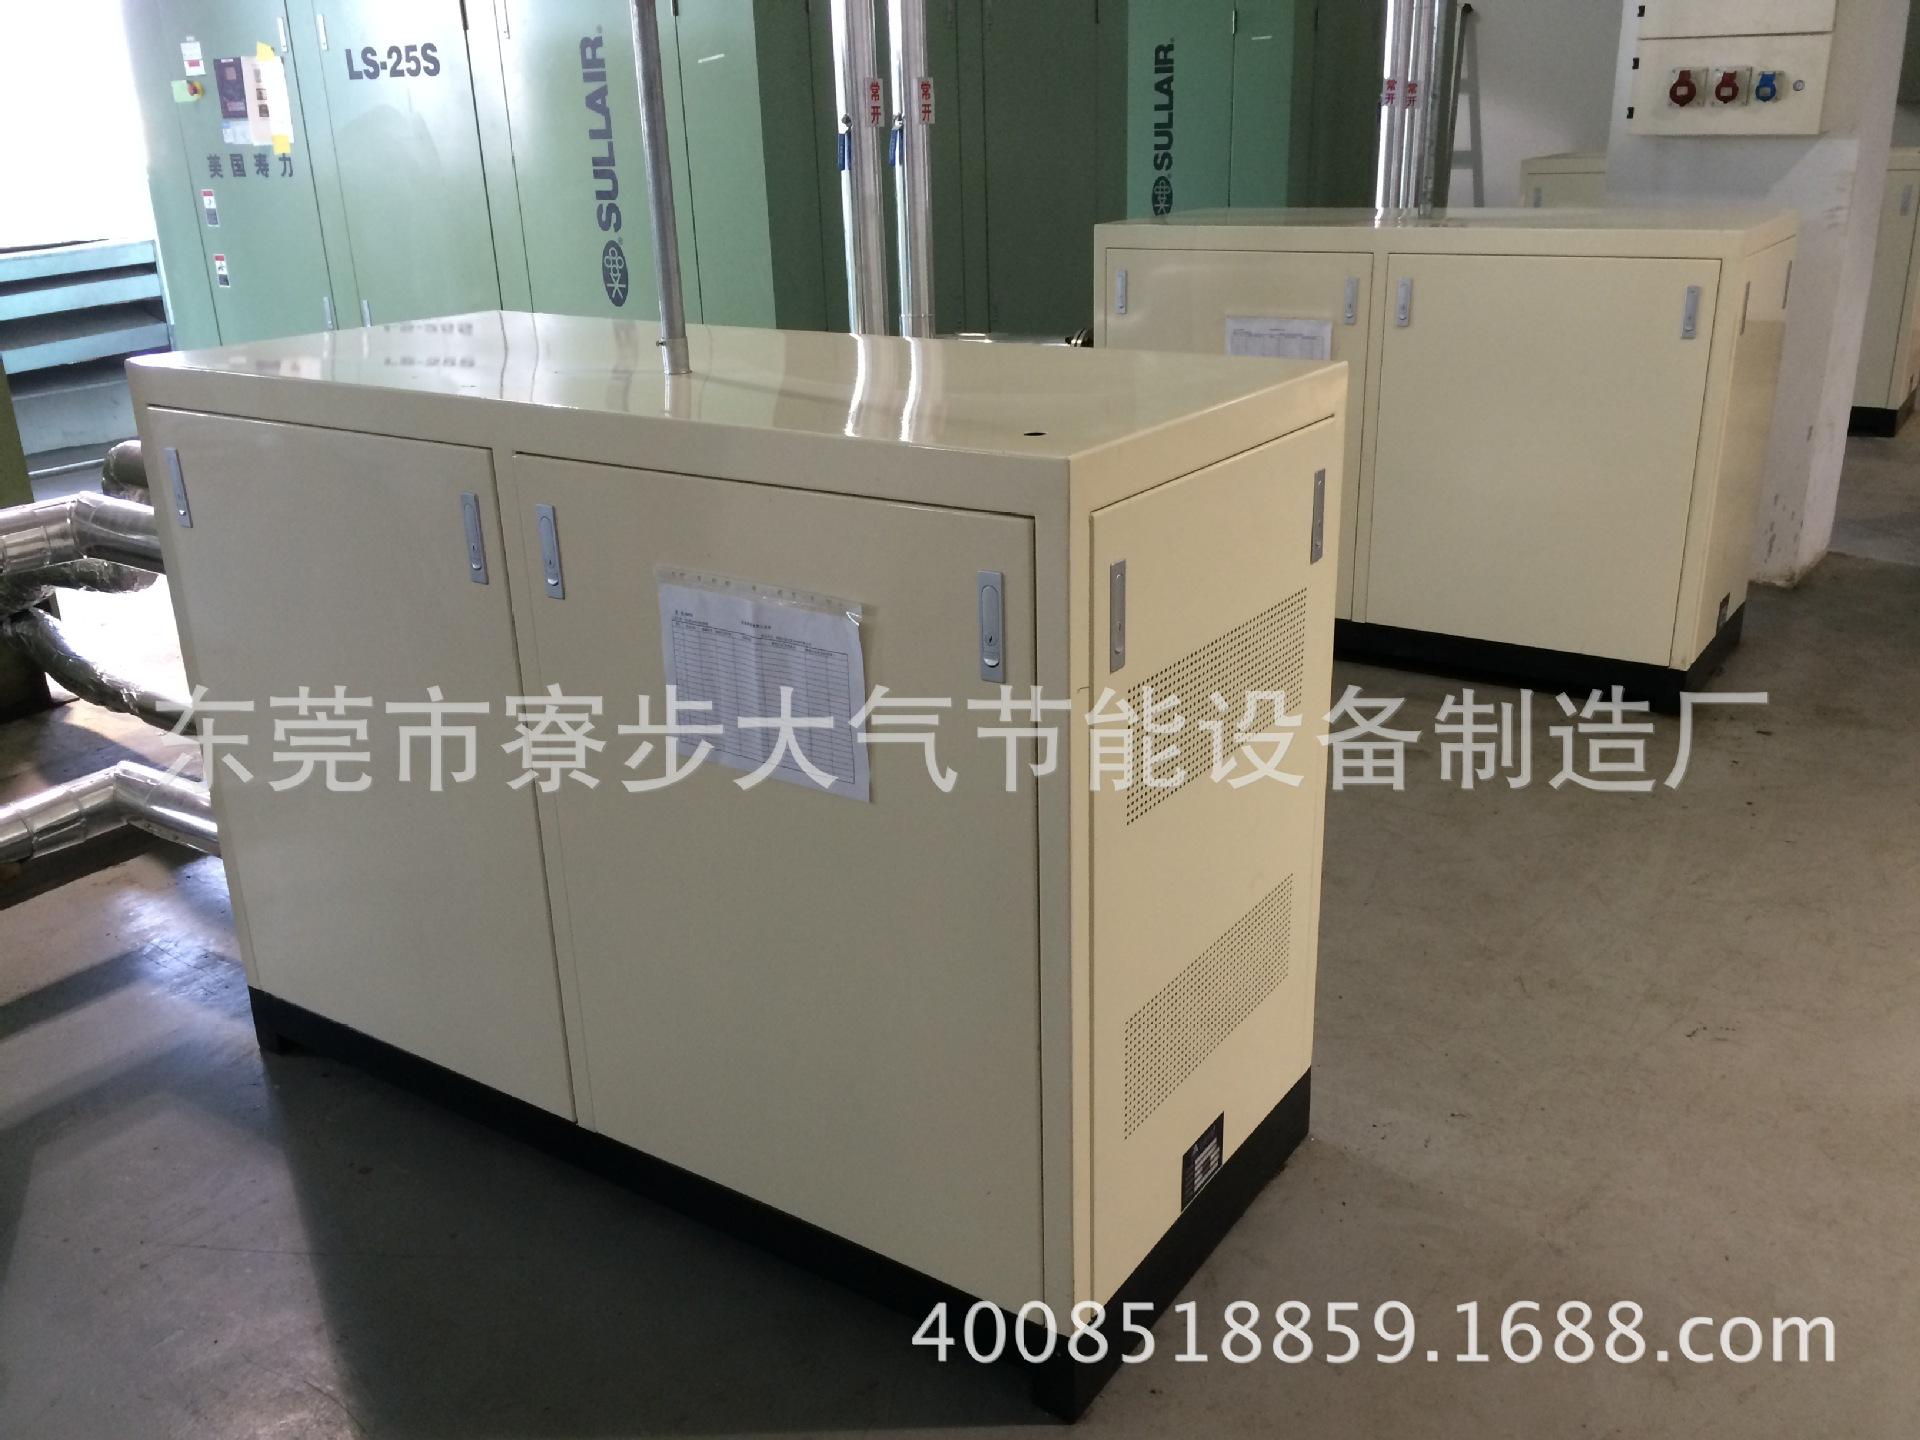 余热回收机  空压机余热利用  发电机余热回收装置 免费热水工程